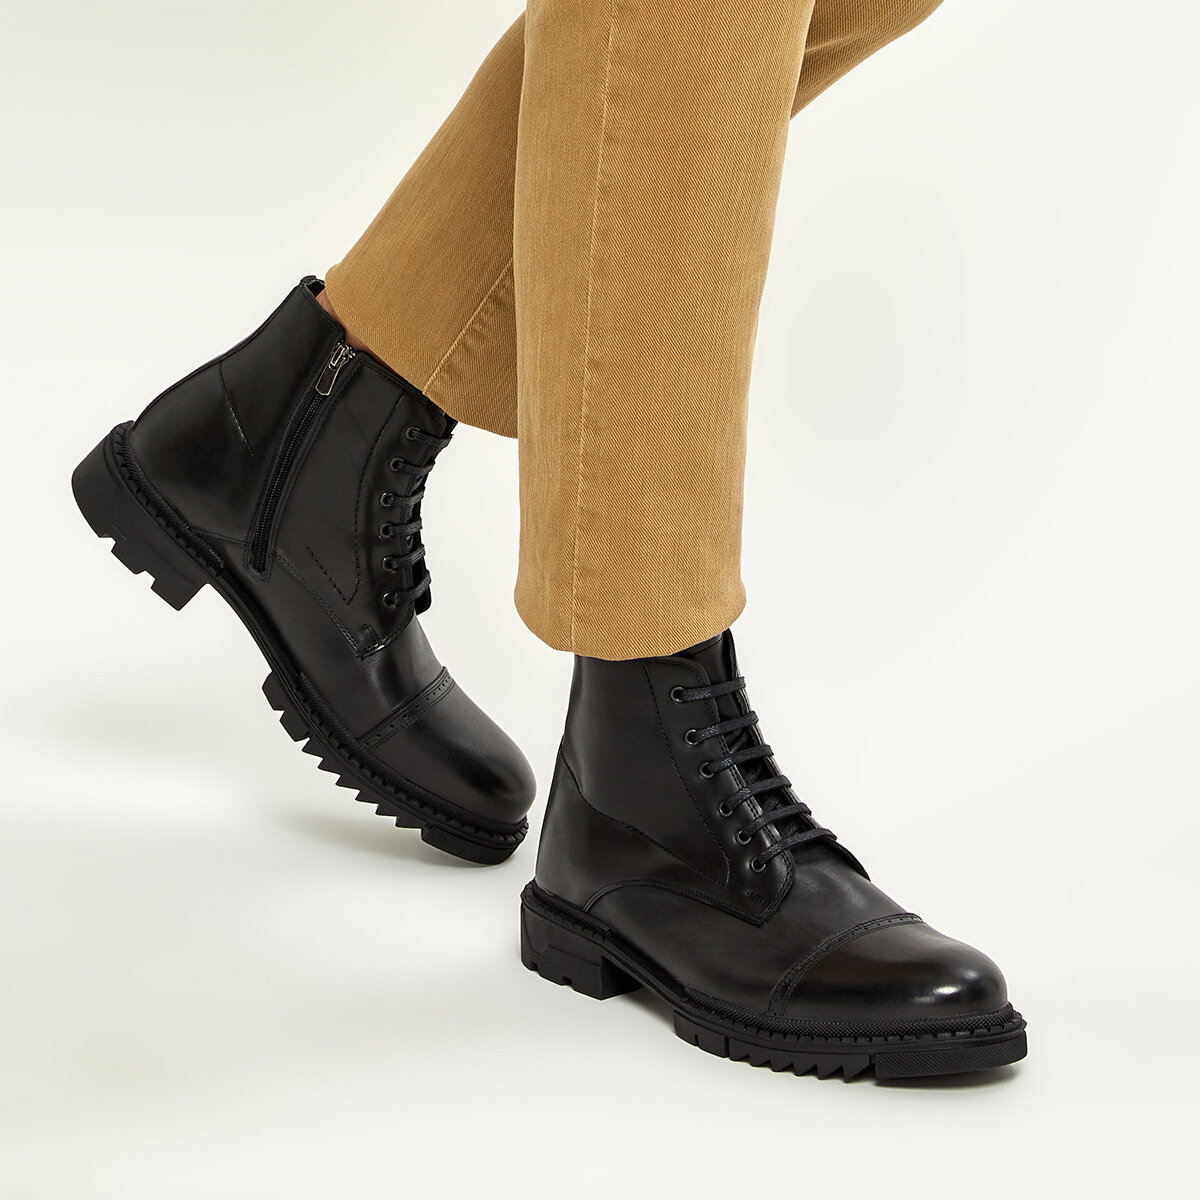 FLO 4119 Black Men Boots Forester